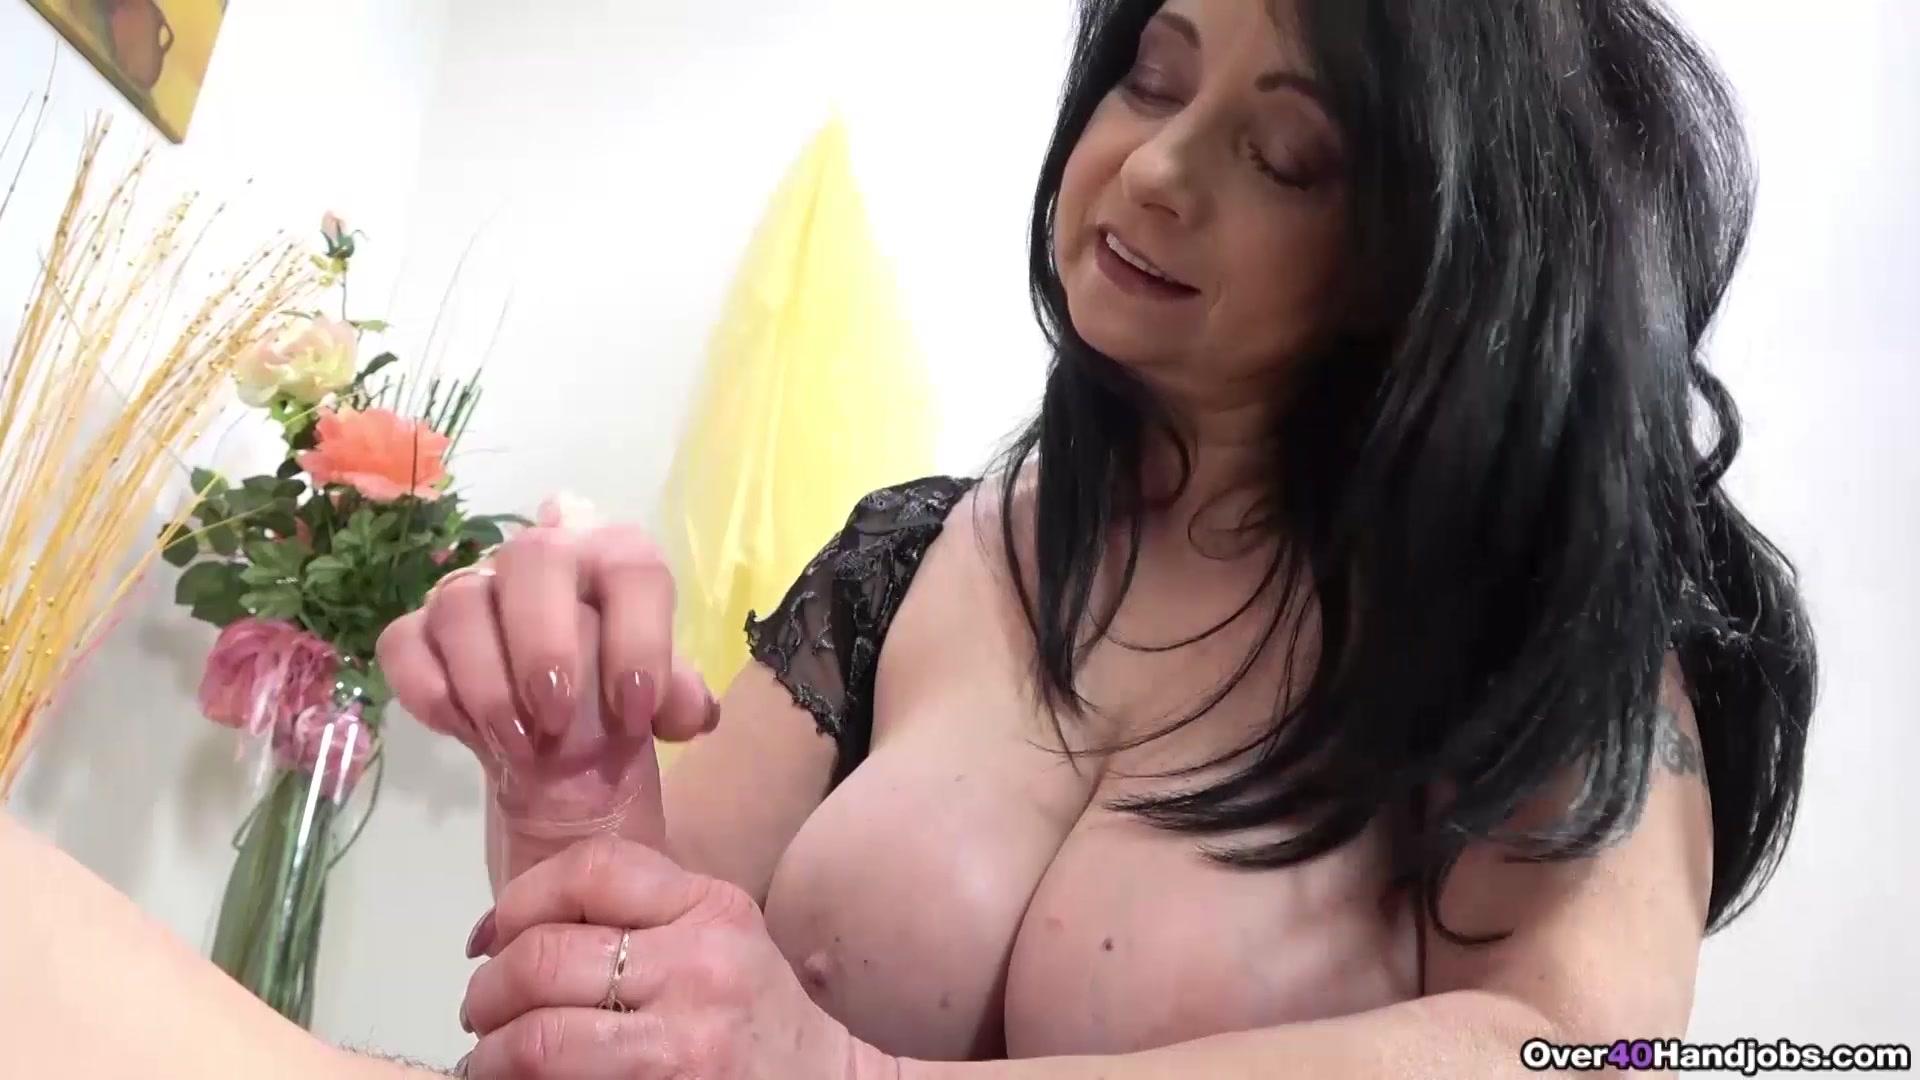 Big Tit Latina Milf Handjob